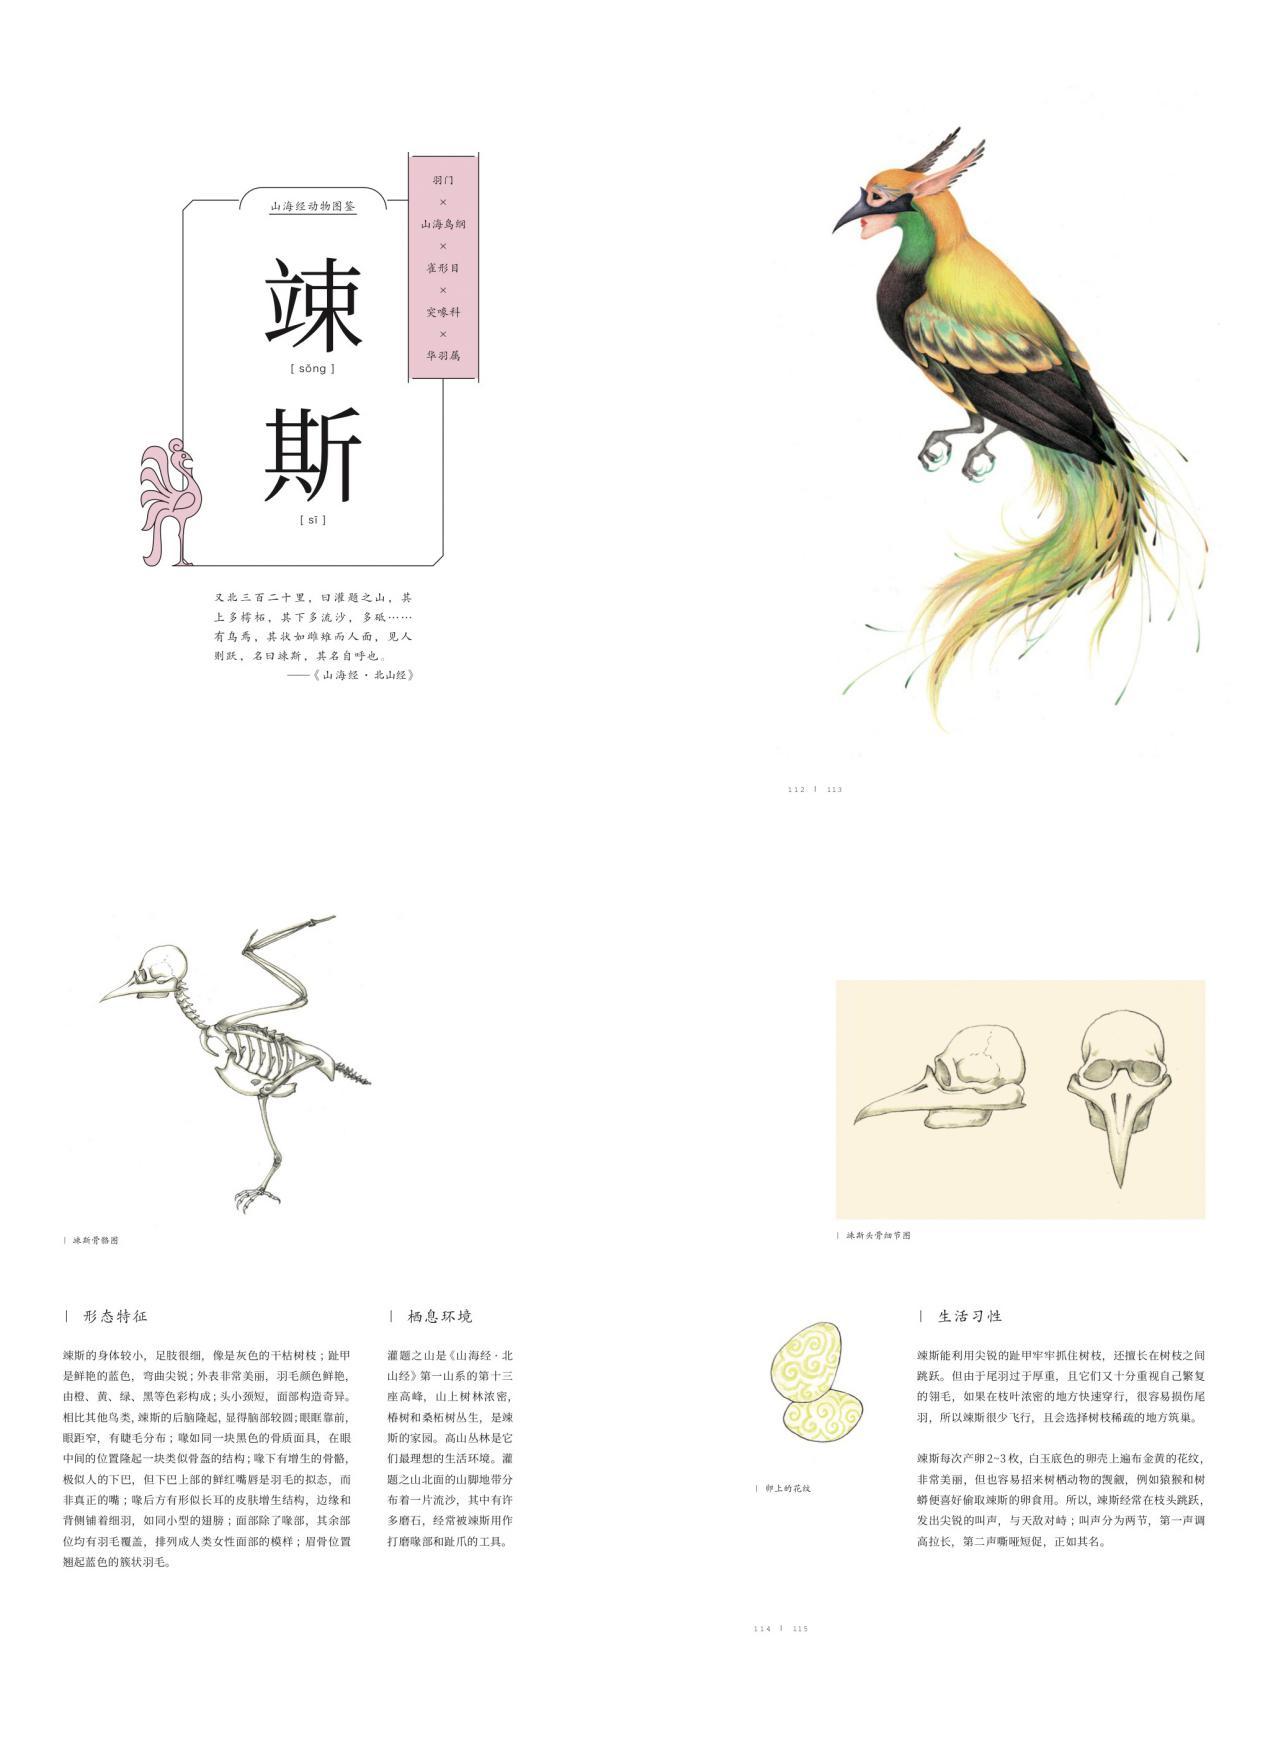 《奇兽:山海经动物图鉴》内文插图